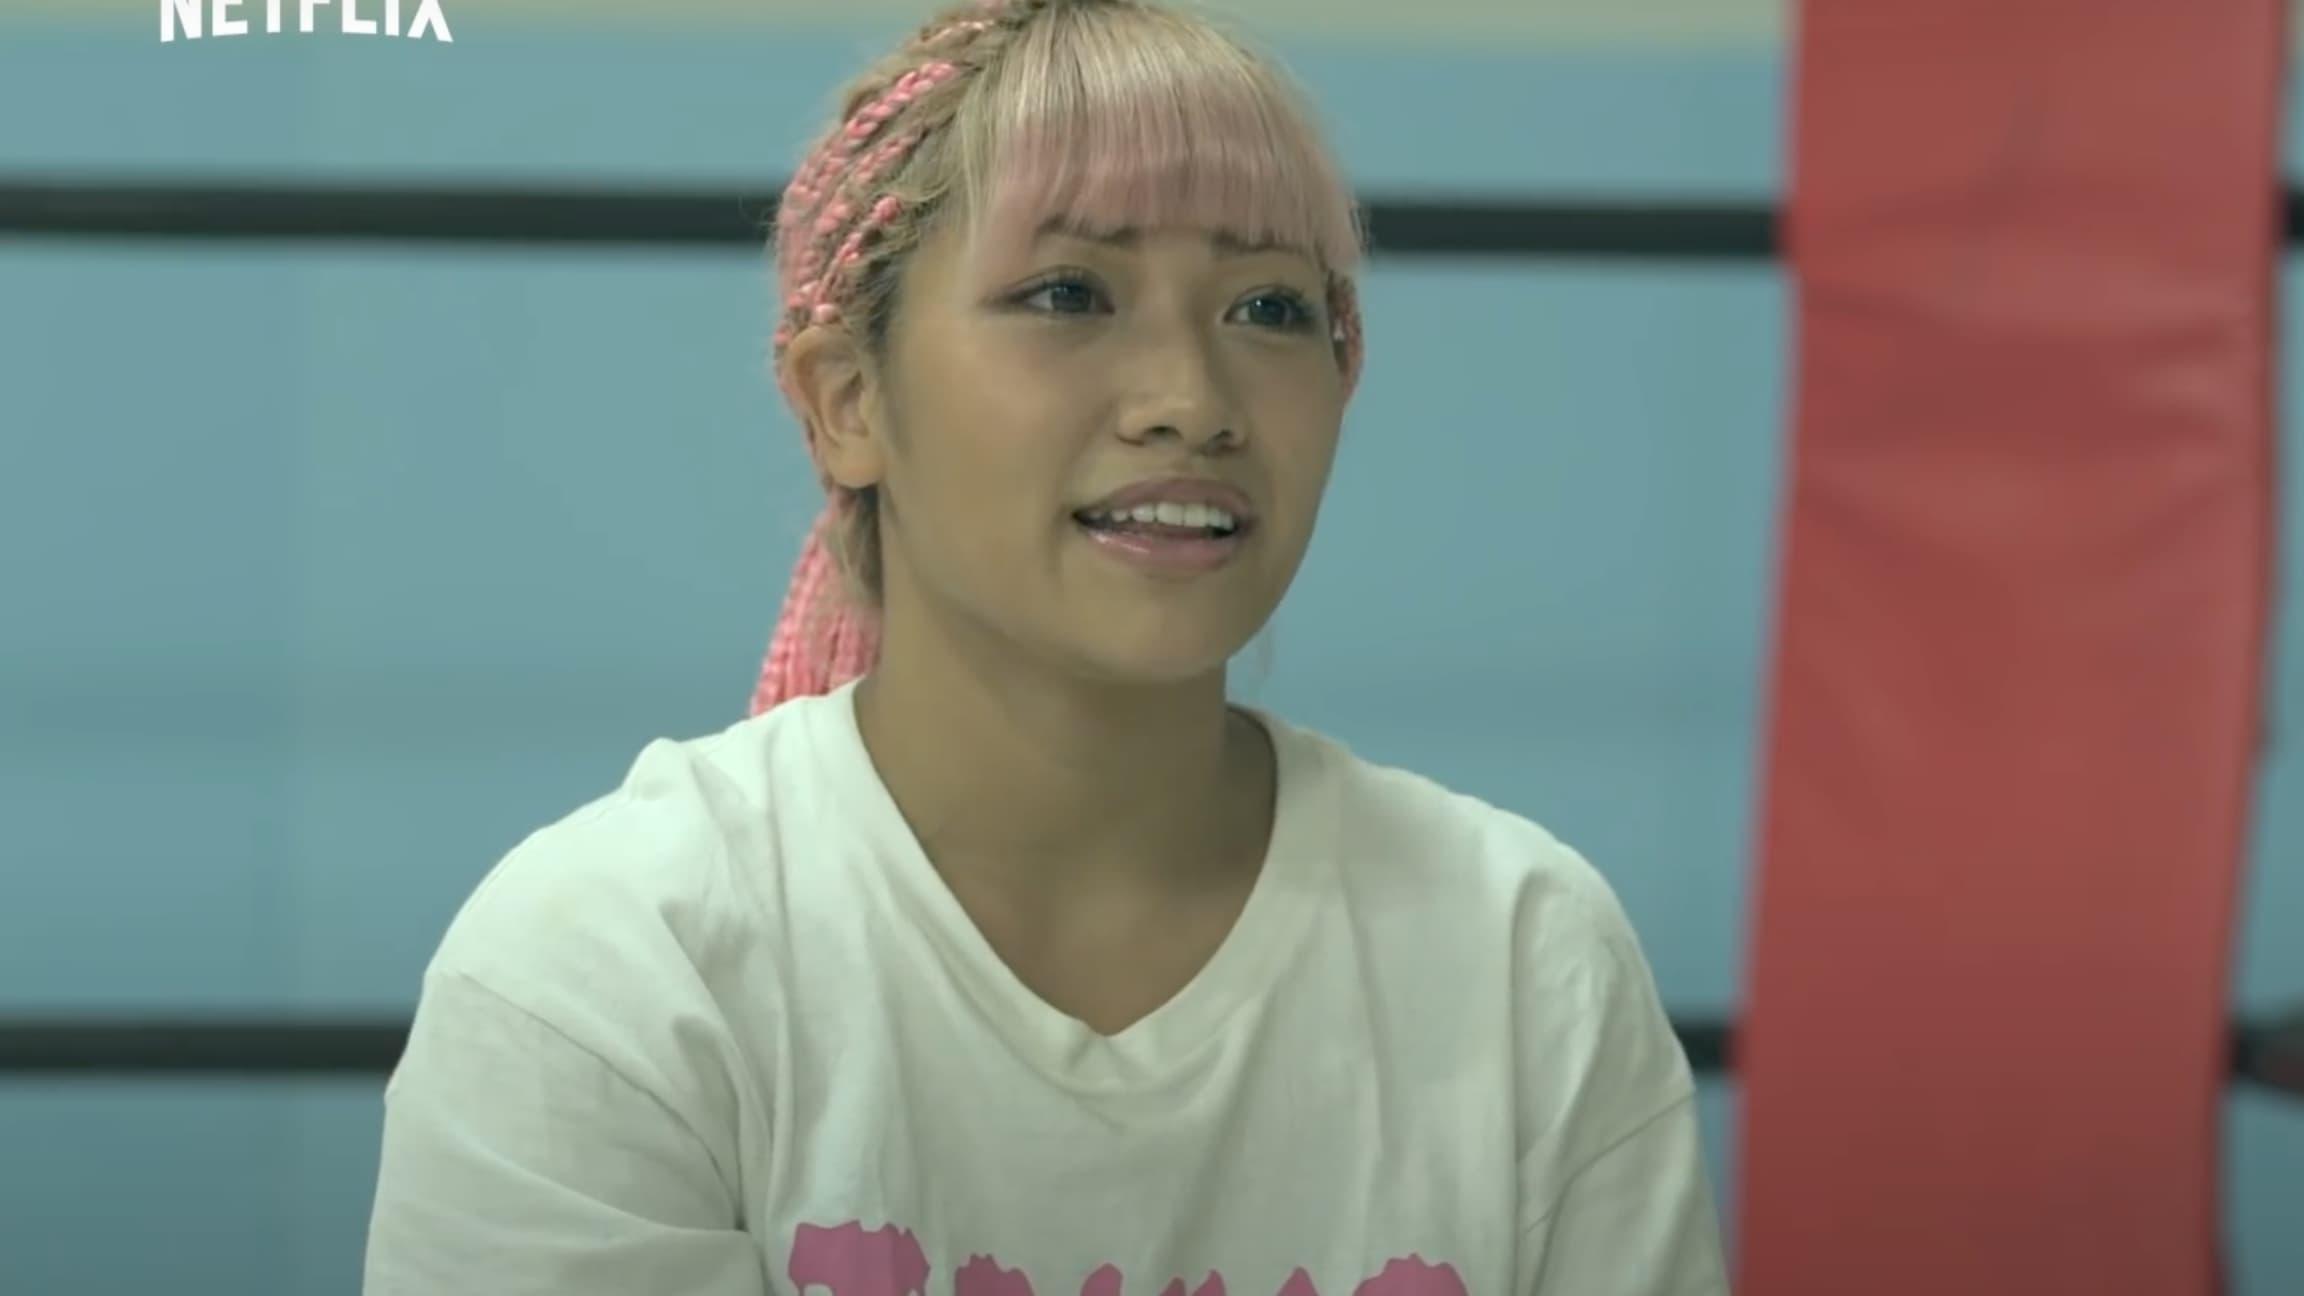 L'émission de télé-réalité Terrace House Tokyo annulée après la mort de Hana Kimura